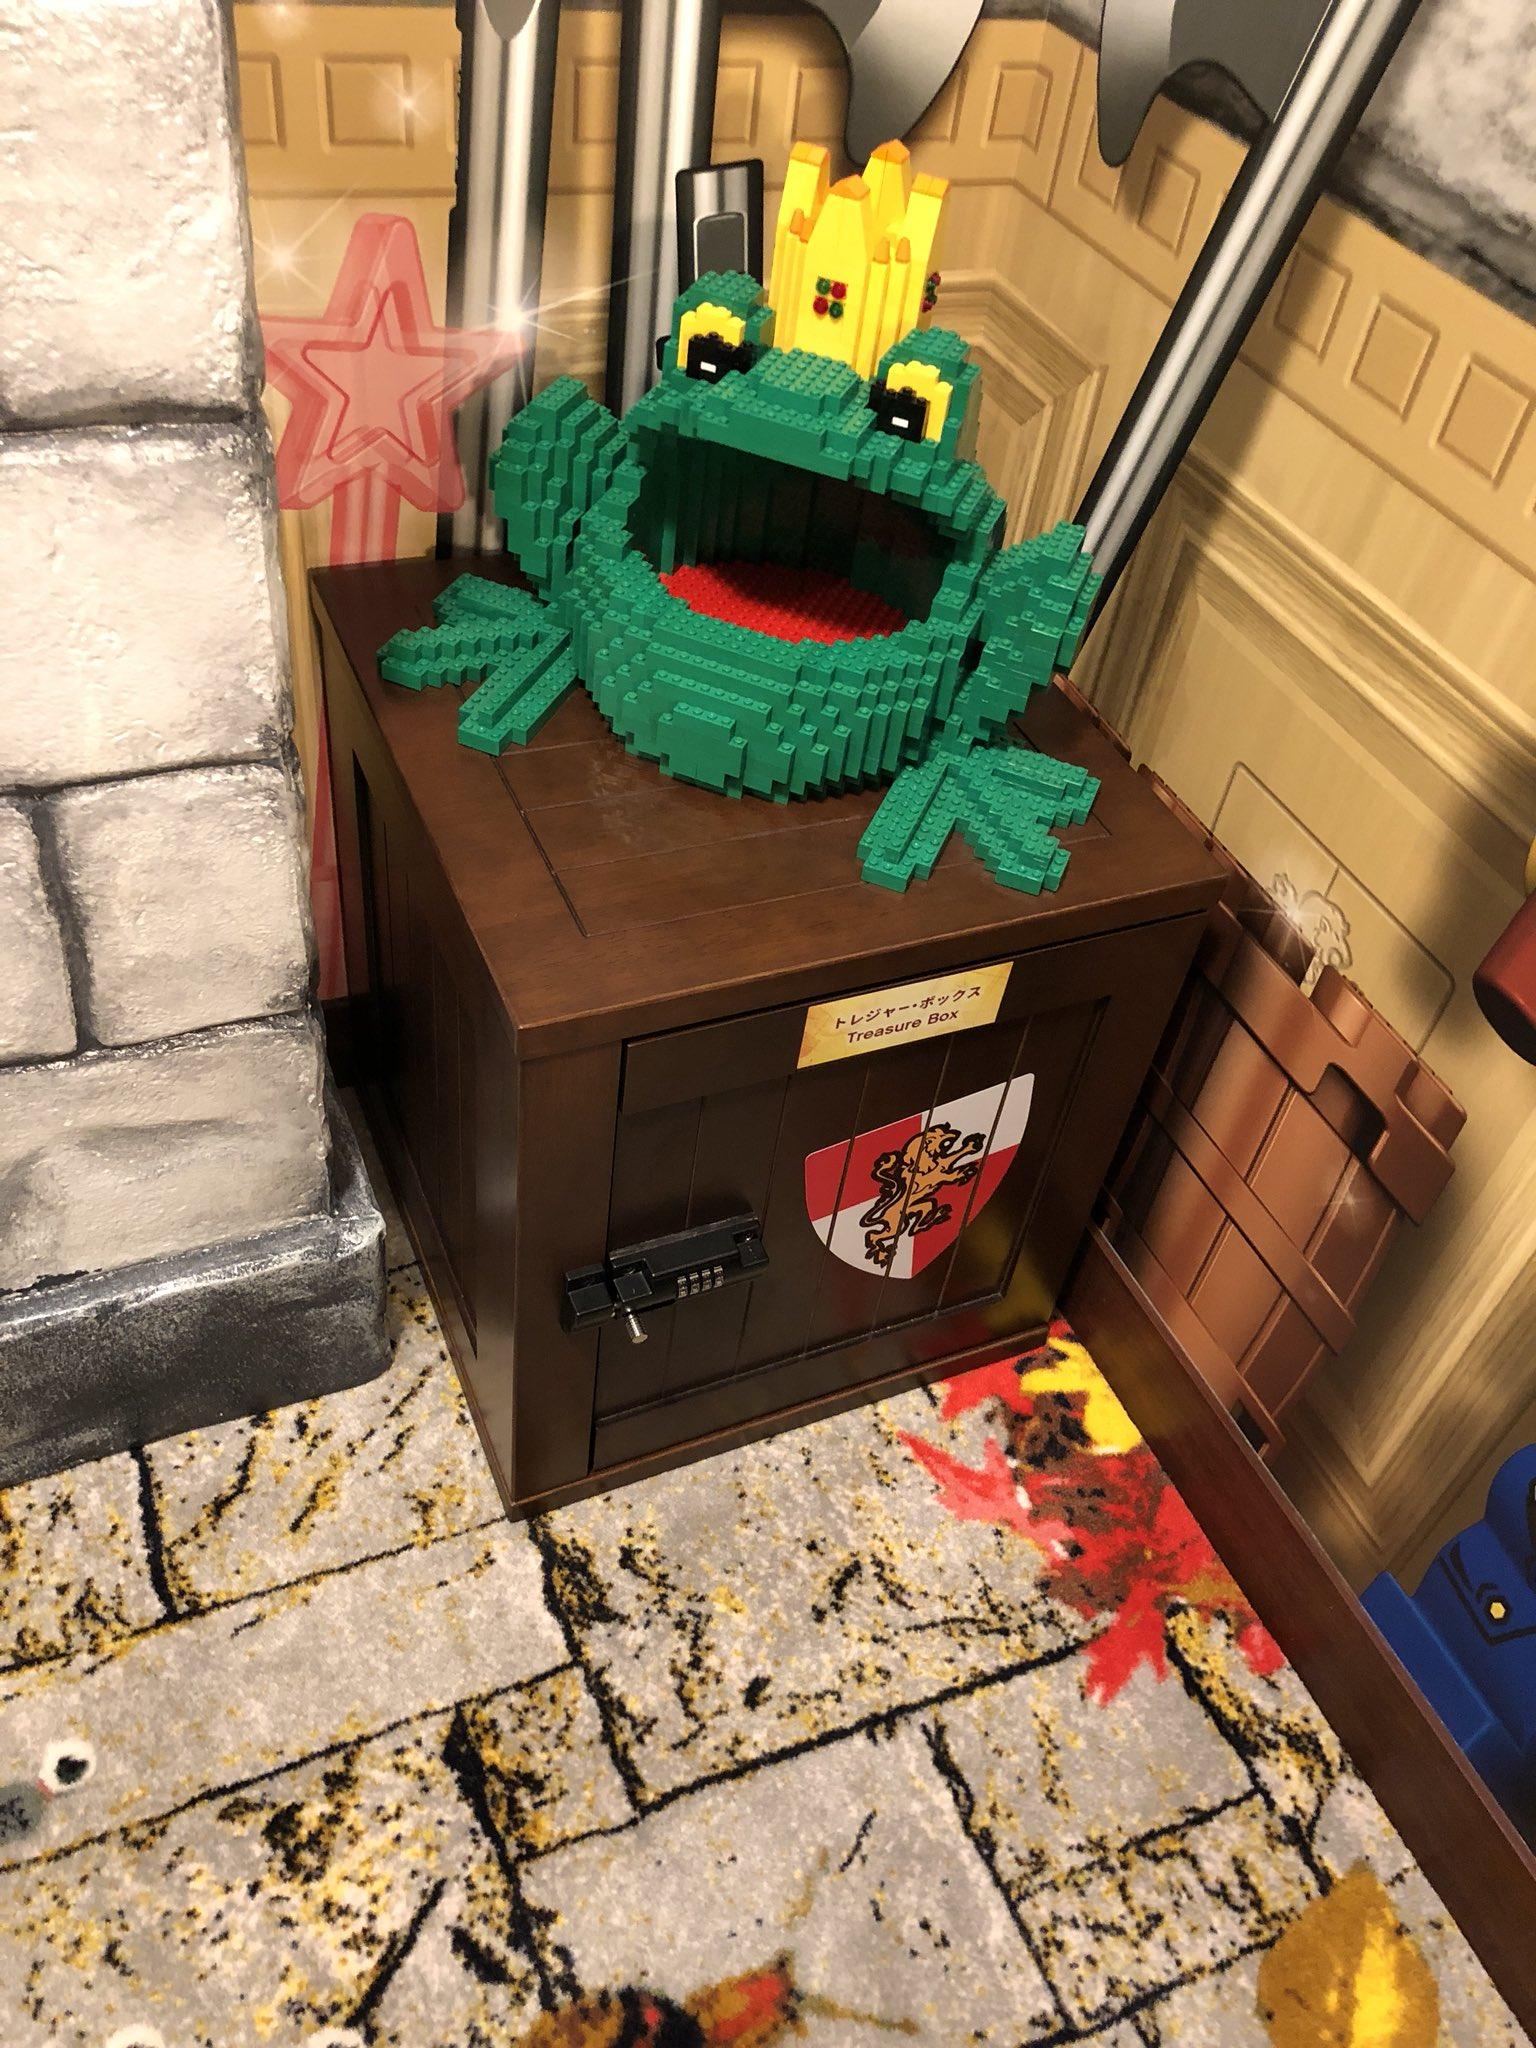 レゴランド・ジャパン・ホテルの部屋にあるトレジャー・ボックス。謎を解くと中の宝物がもらえる。 https://t.co/lXRXQFiVS6